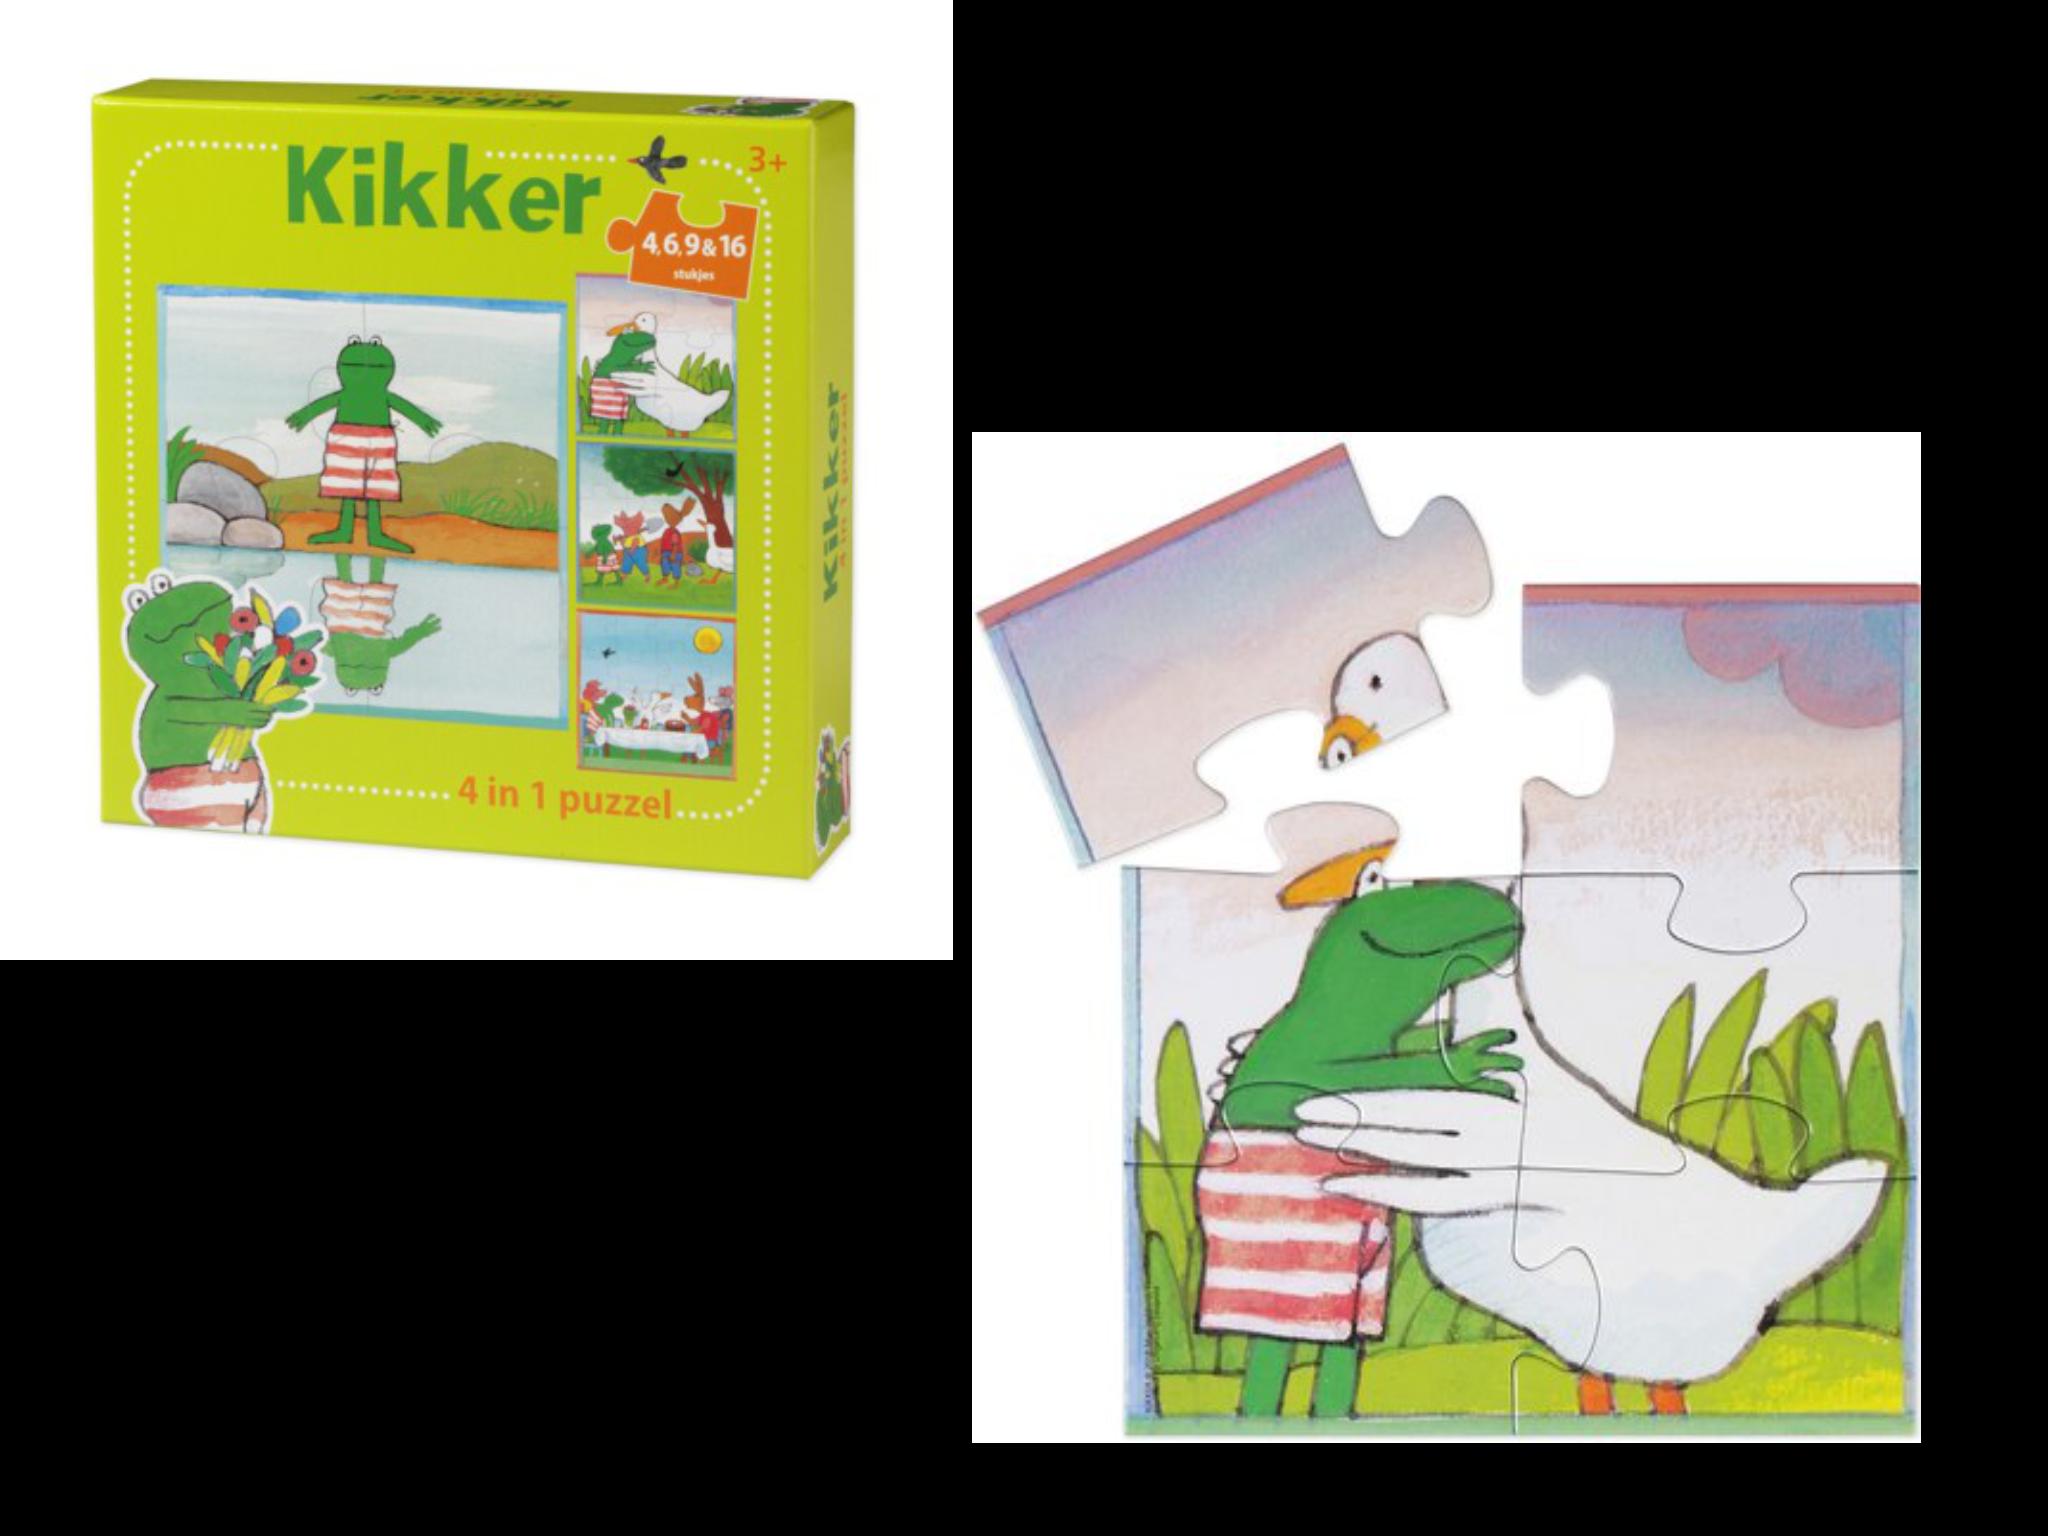 4 in 1 puzzel Kikker